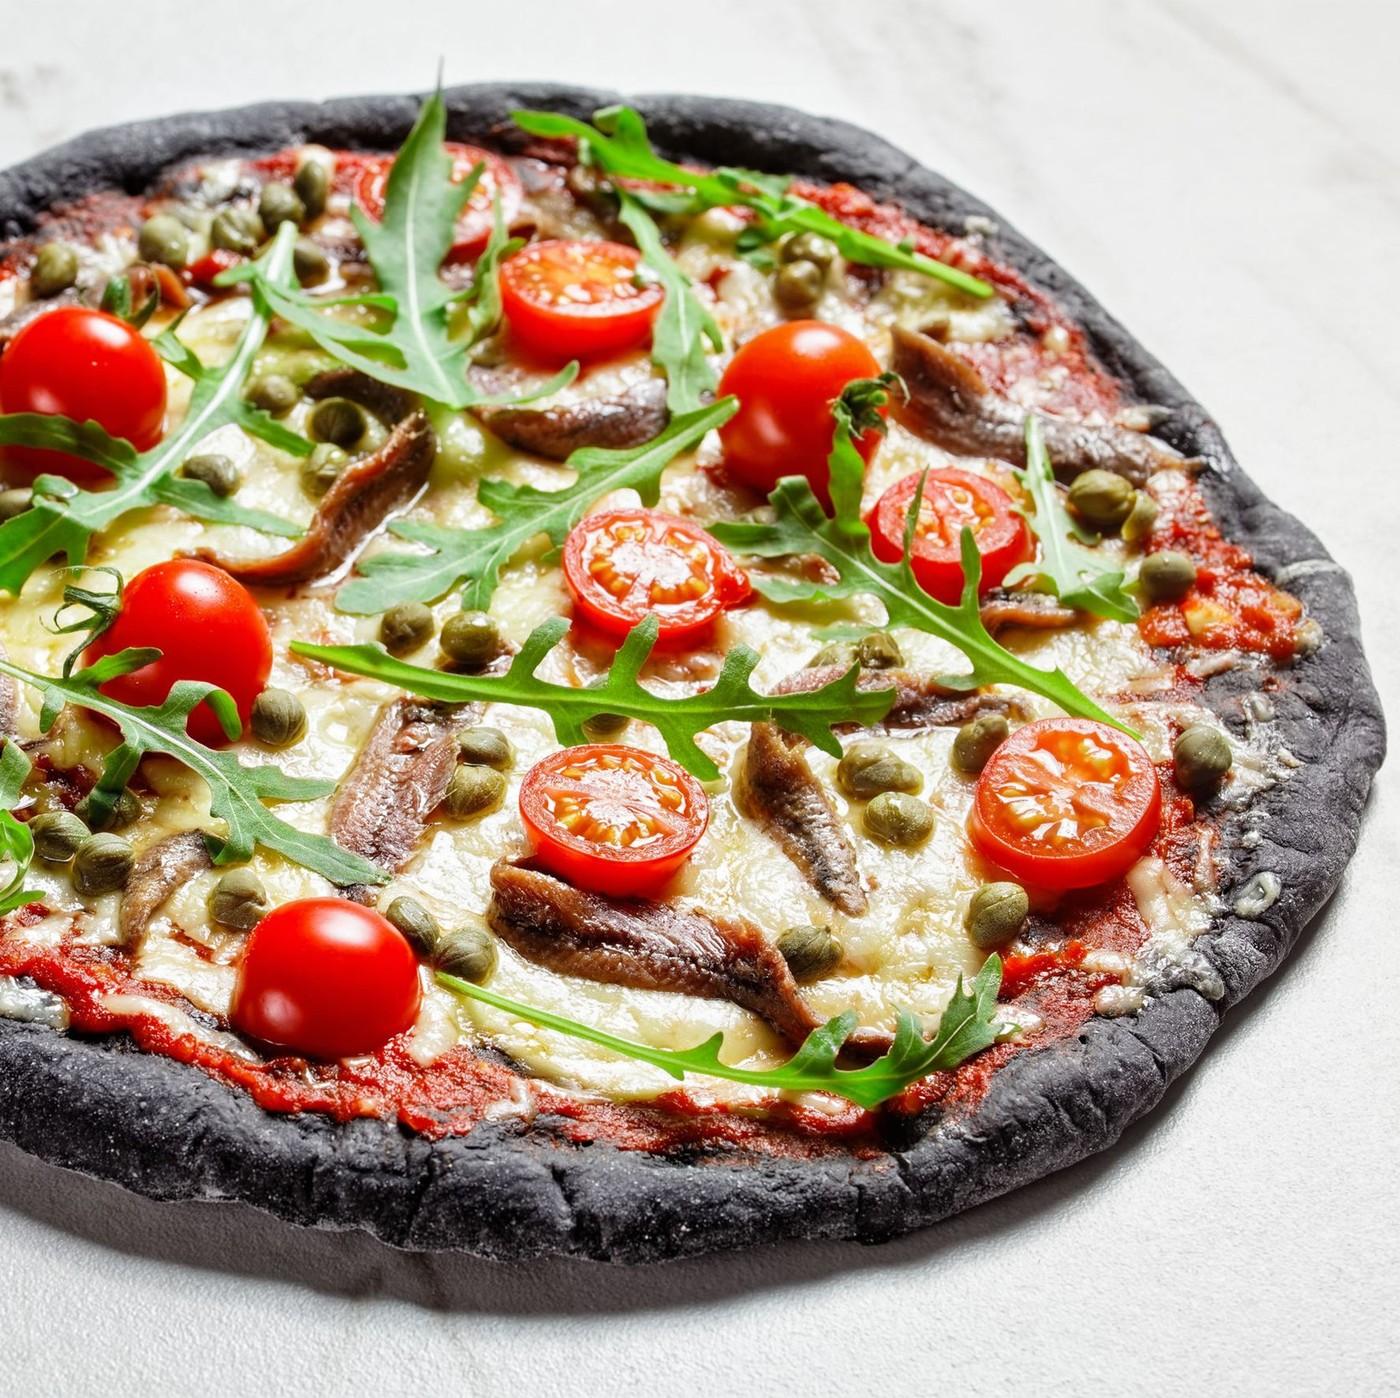 receta de Harina para pizza negra al carbón vegetal